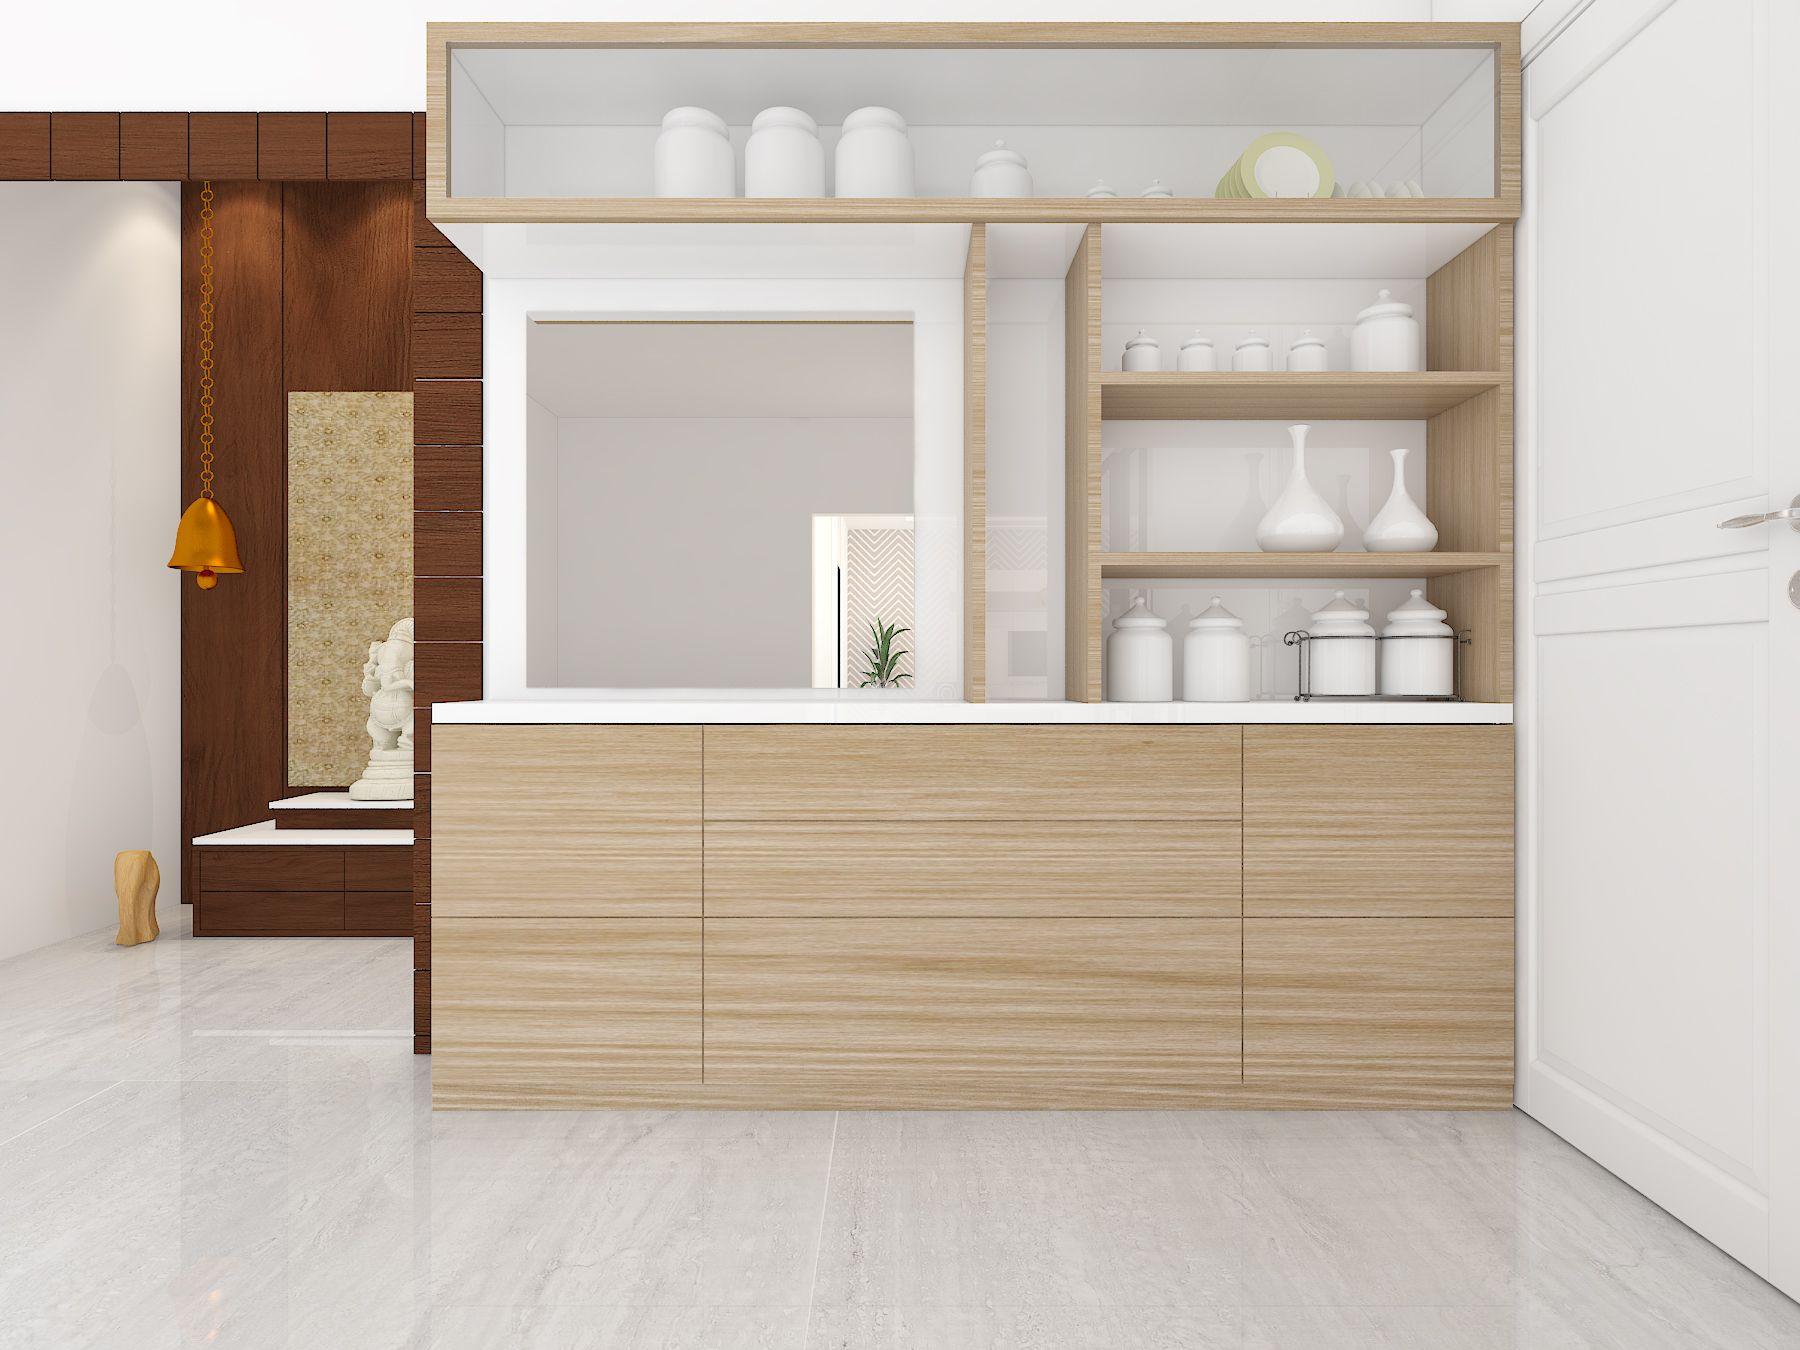 Interior Designers in Bangalore in 2020 | Bedroom ...